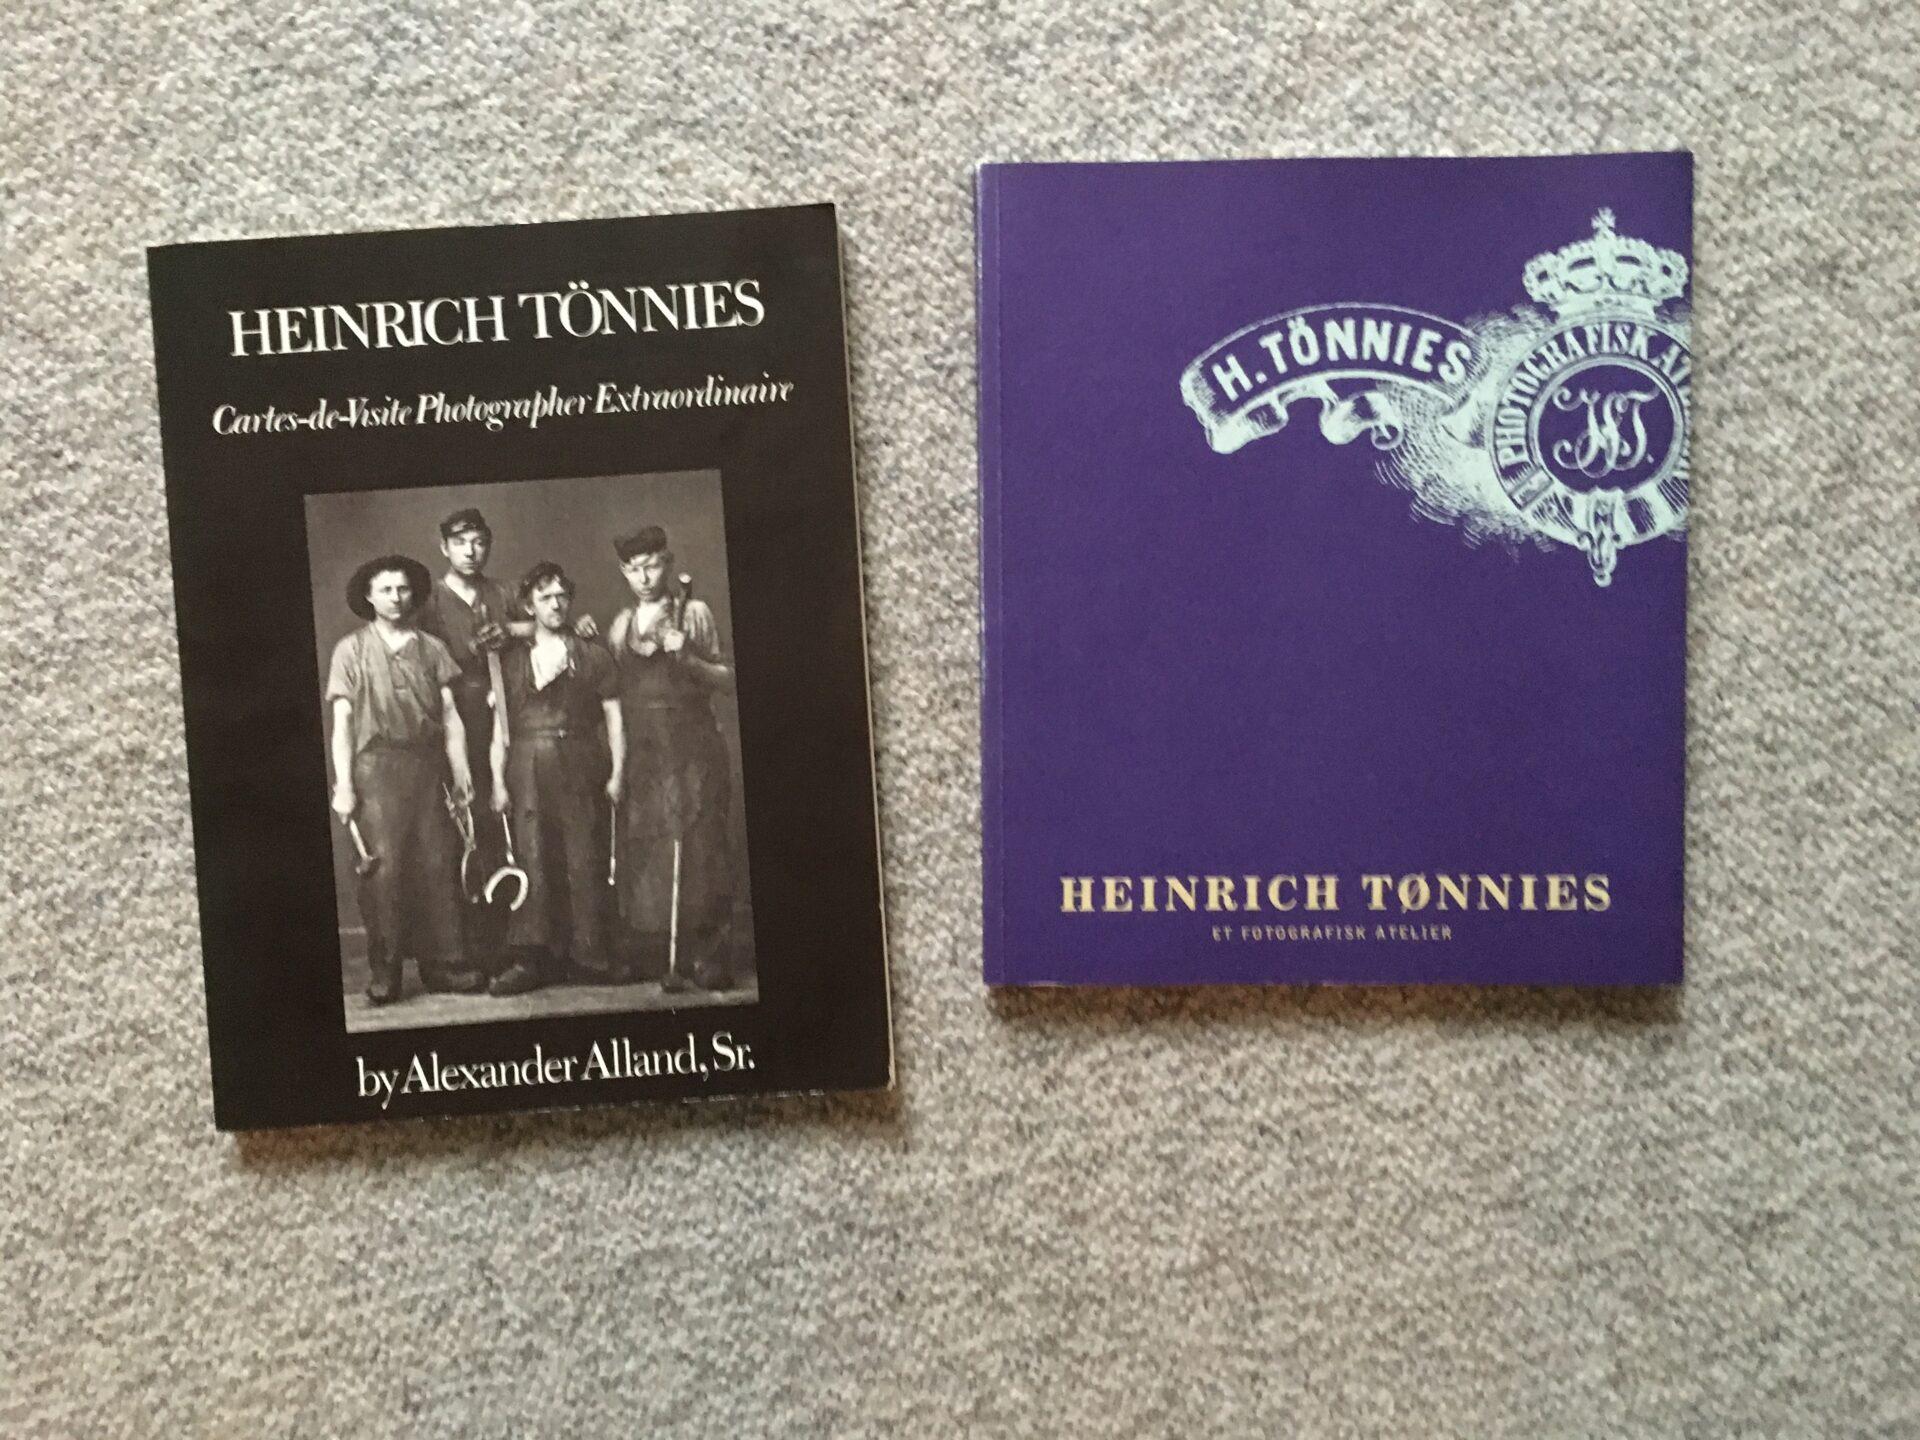 2 bøger om Heinrich Tönnies, Aalborg, ialt 150 kr